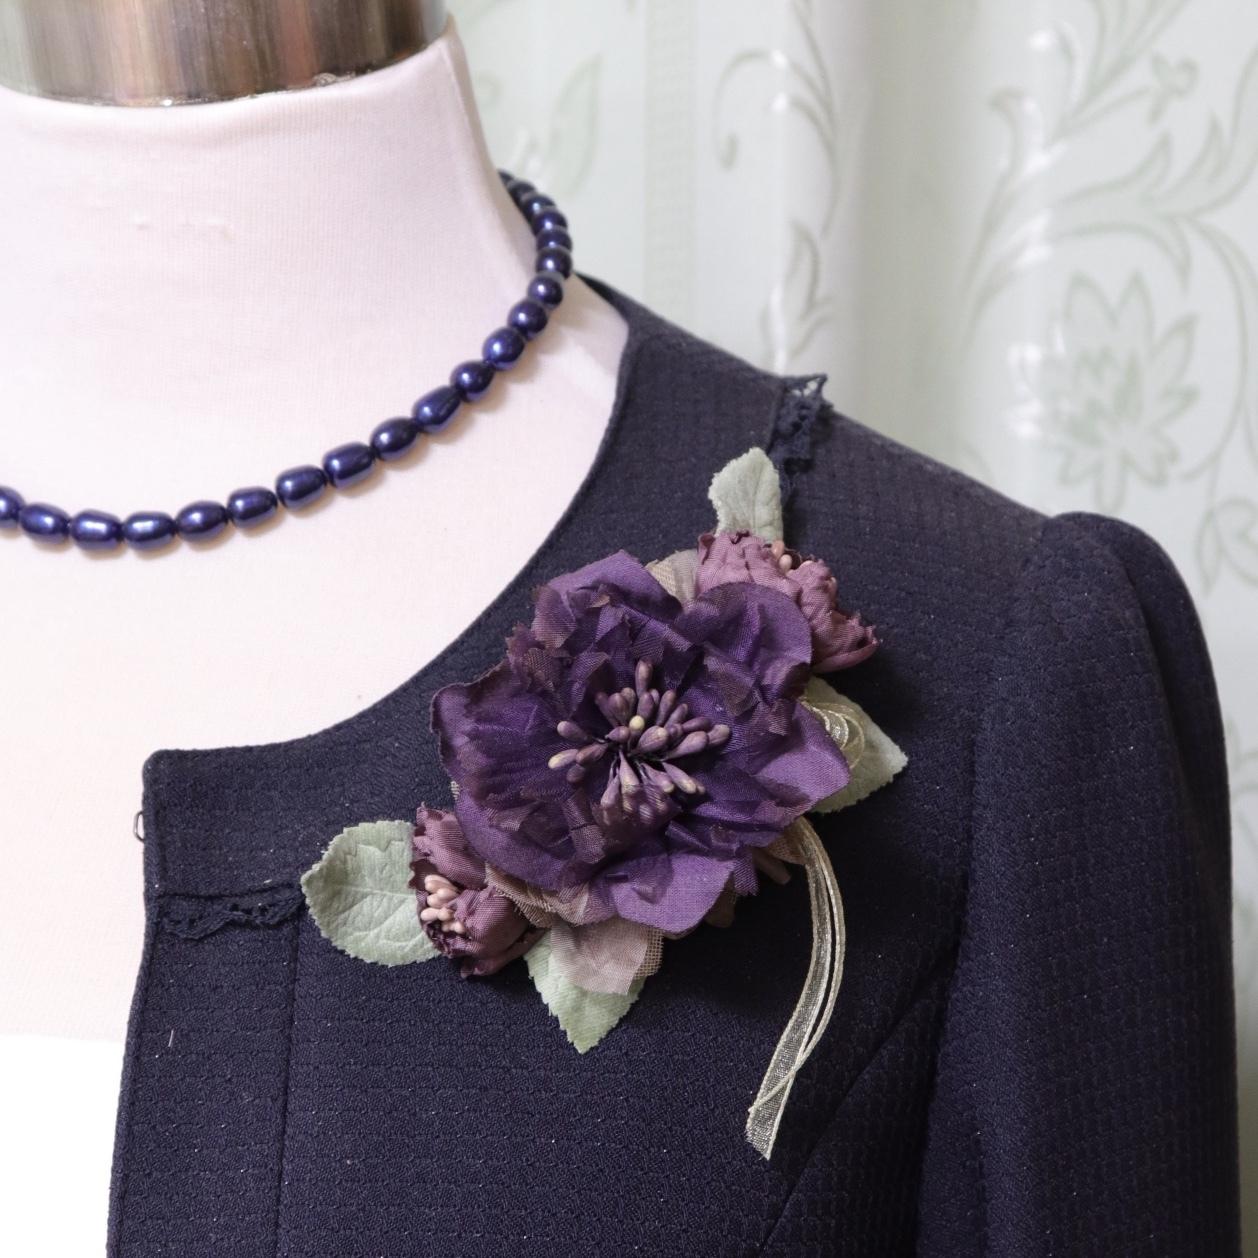 職人さん手染め 紫のクレセントコサージュ 卒業式・入学式を華やかに。